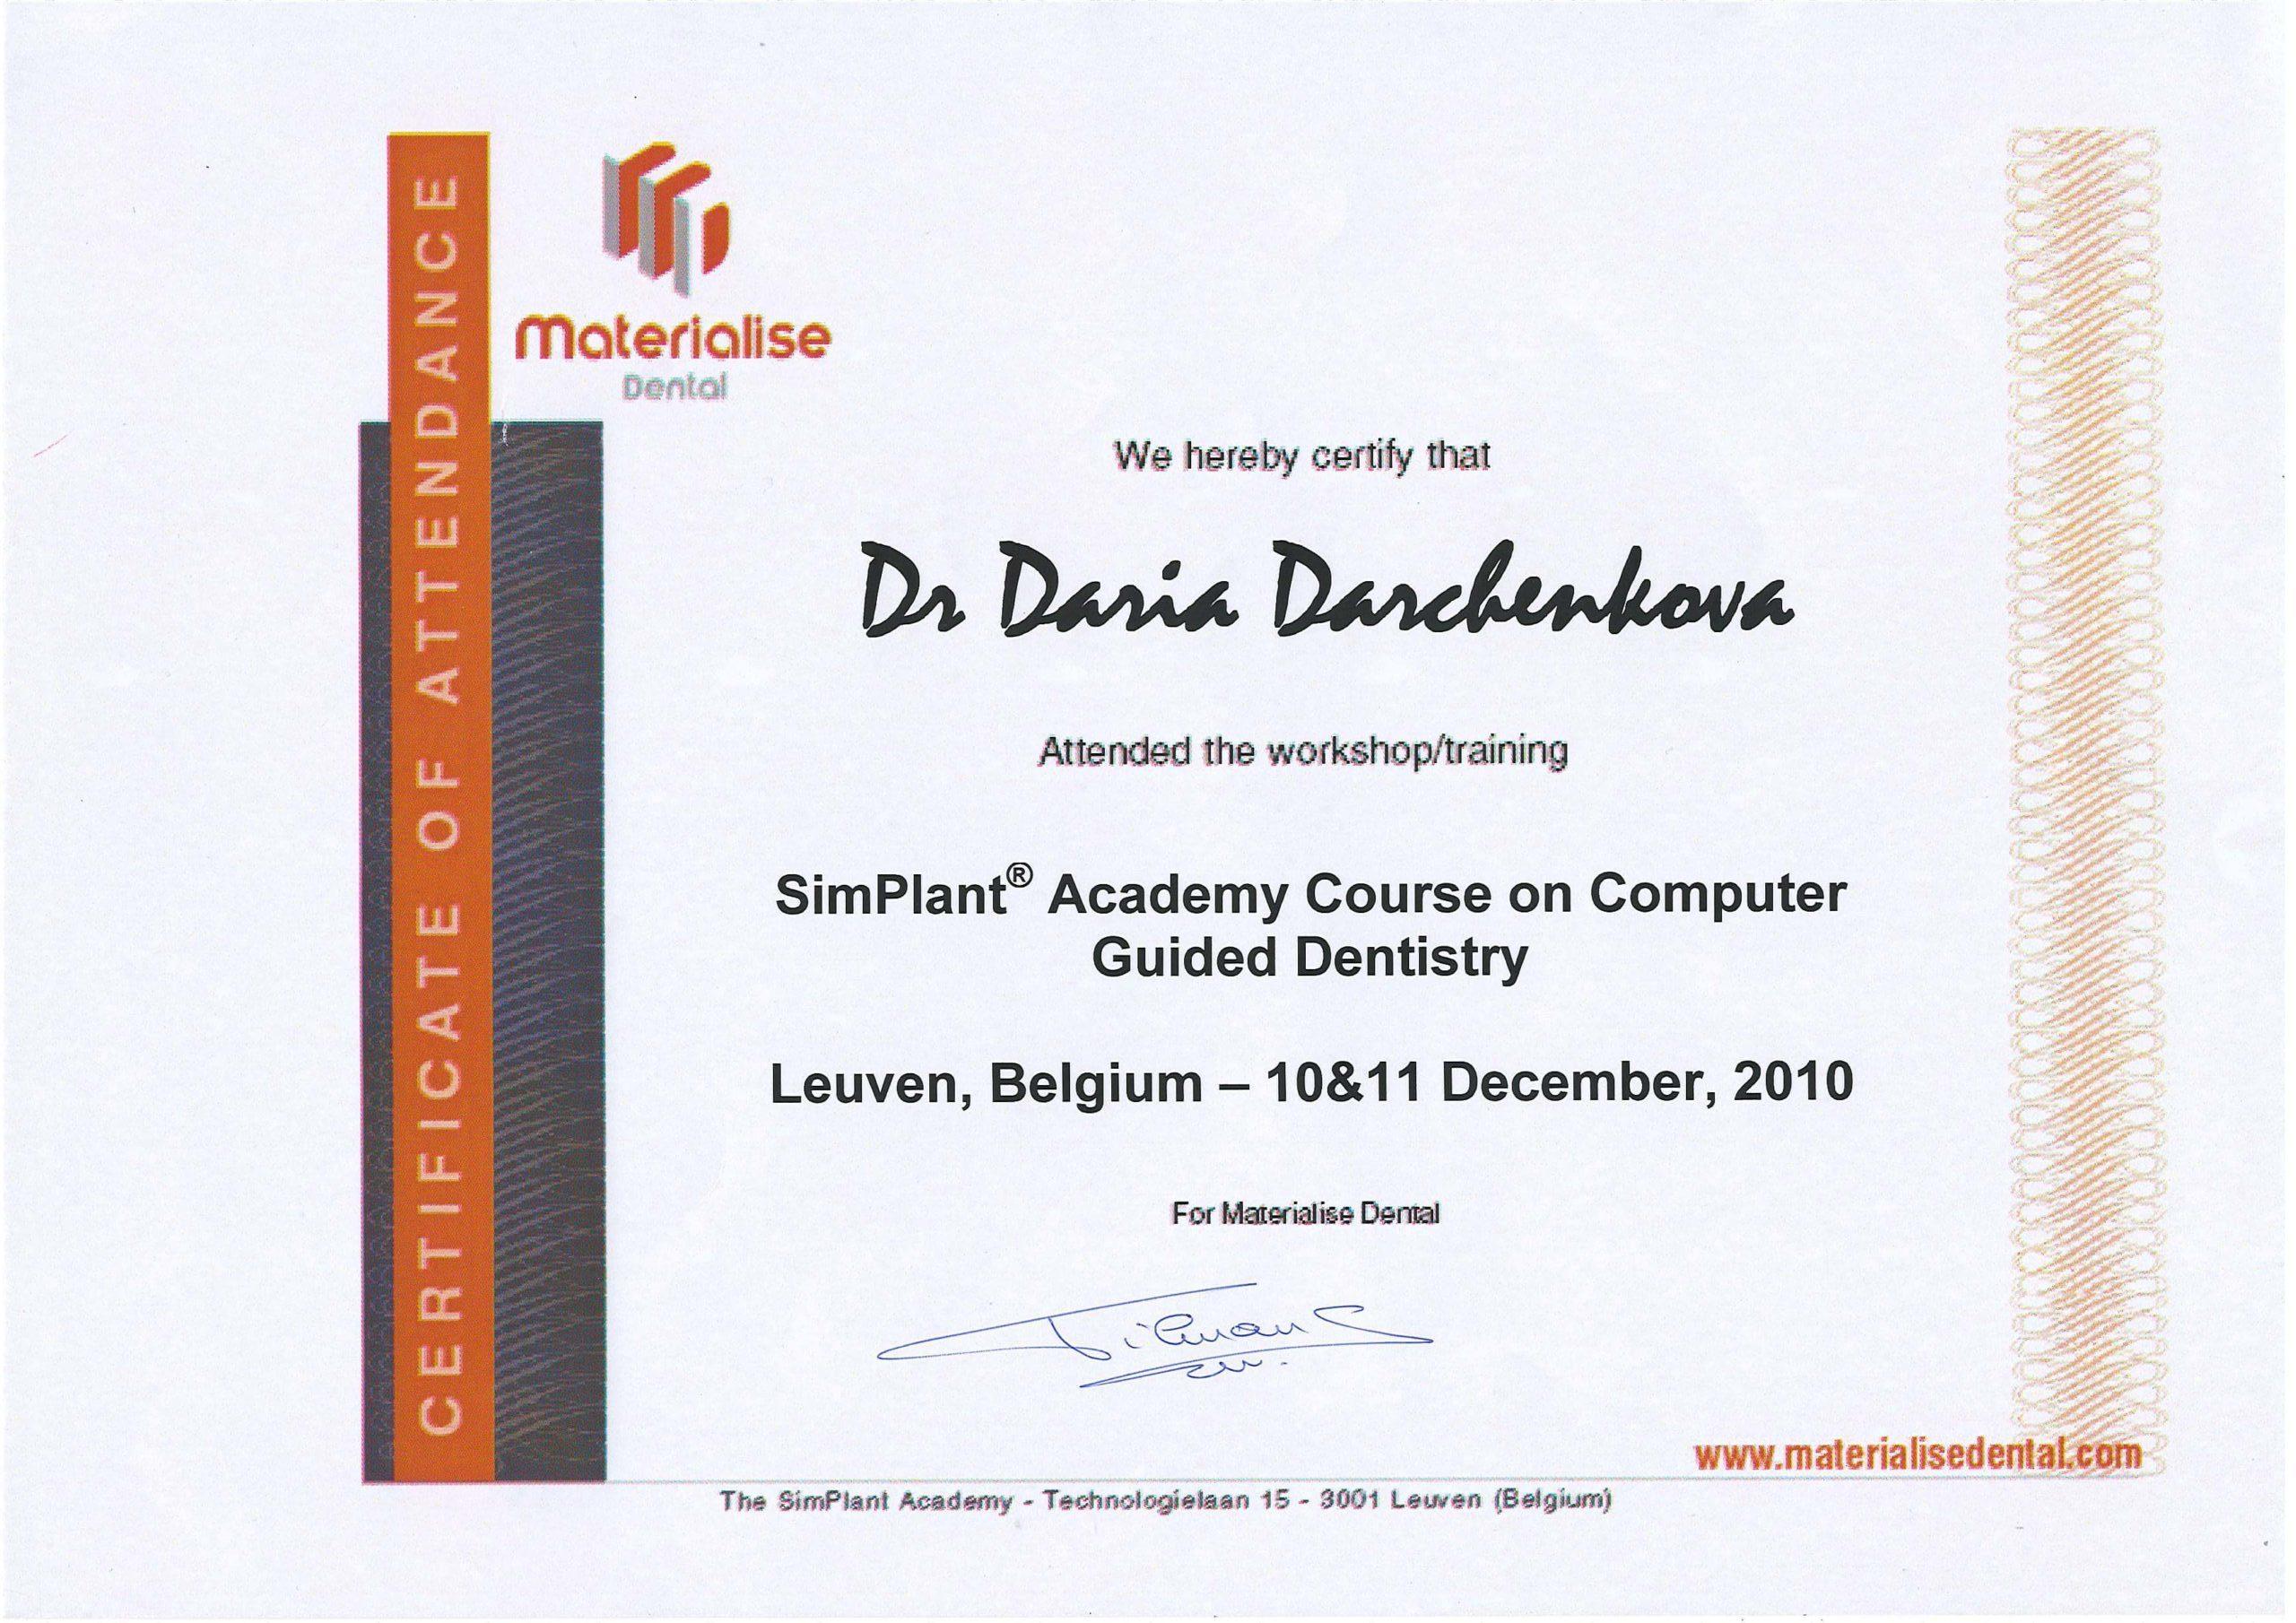 сертификат стоматолога Дарченкова 2010